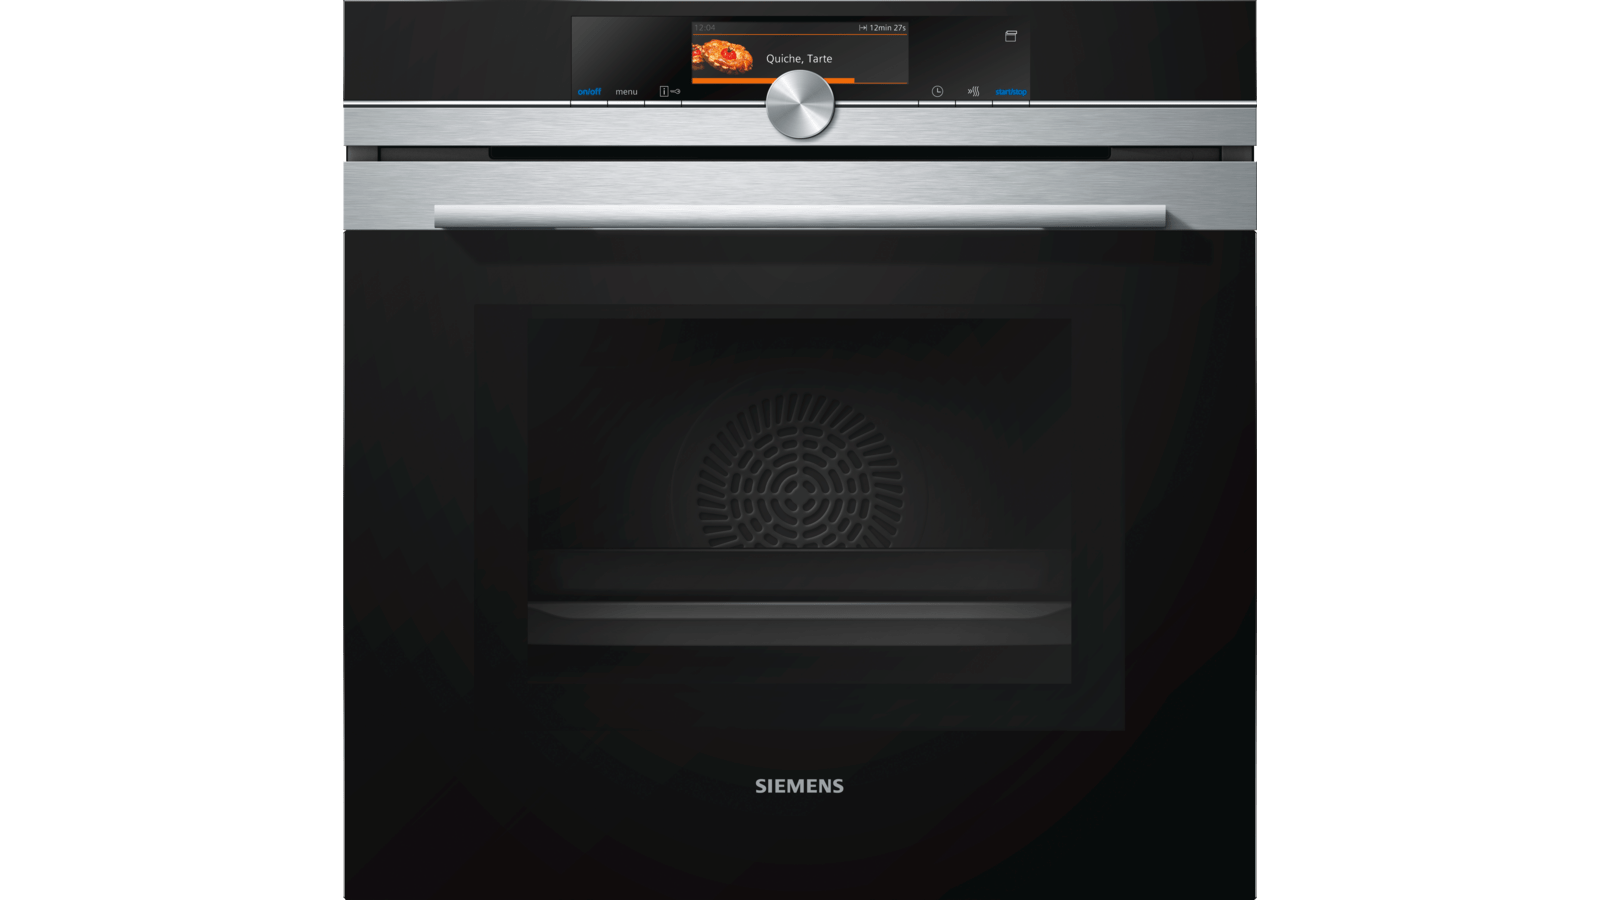 Siemens Microwelle Plus Combi Oven